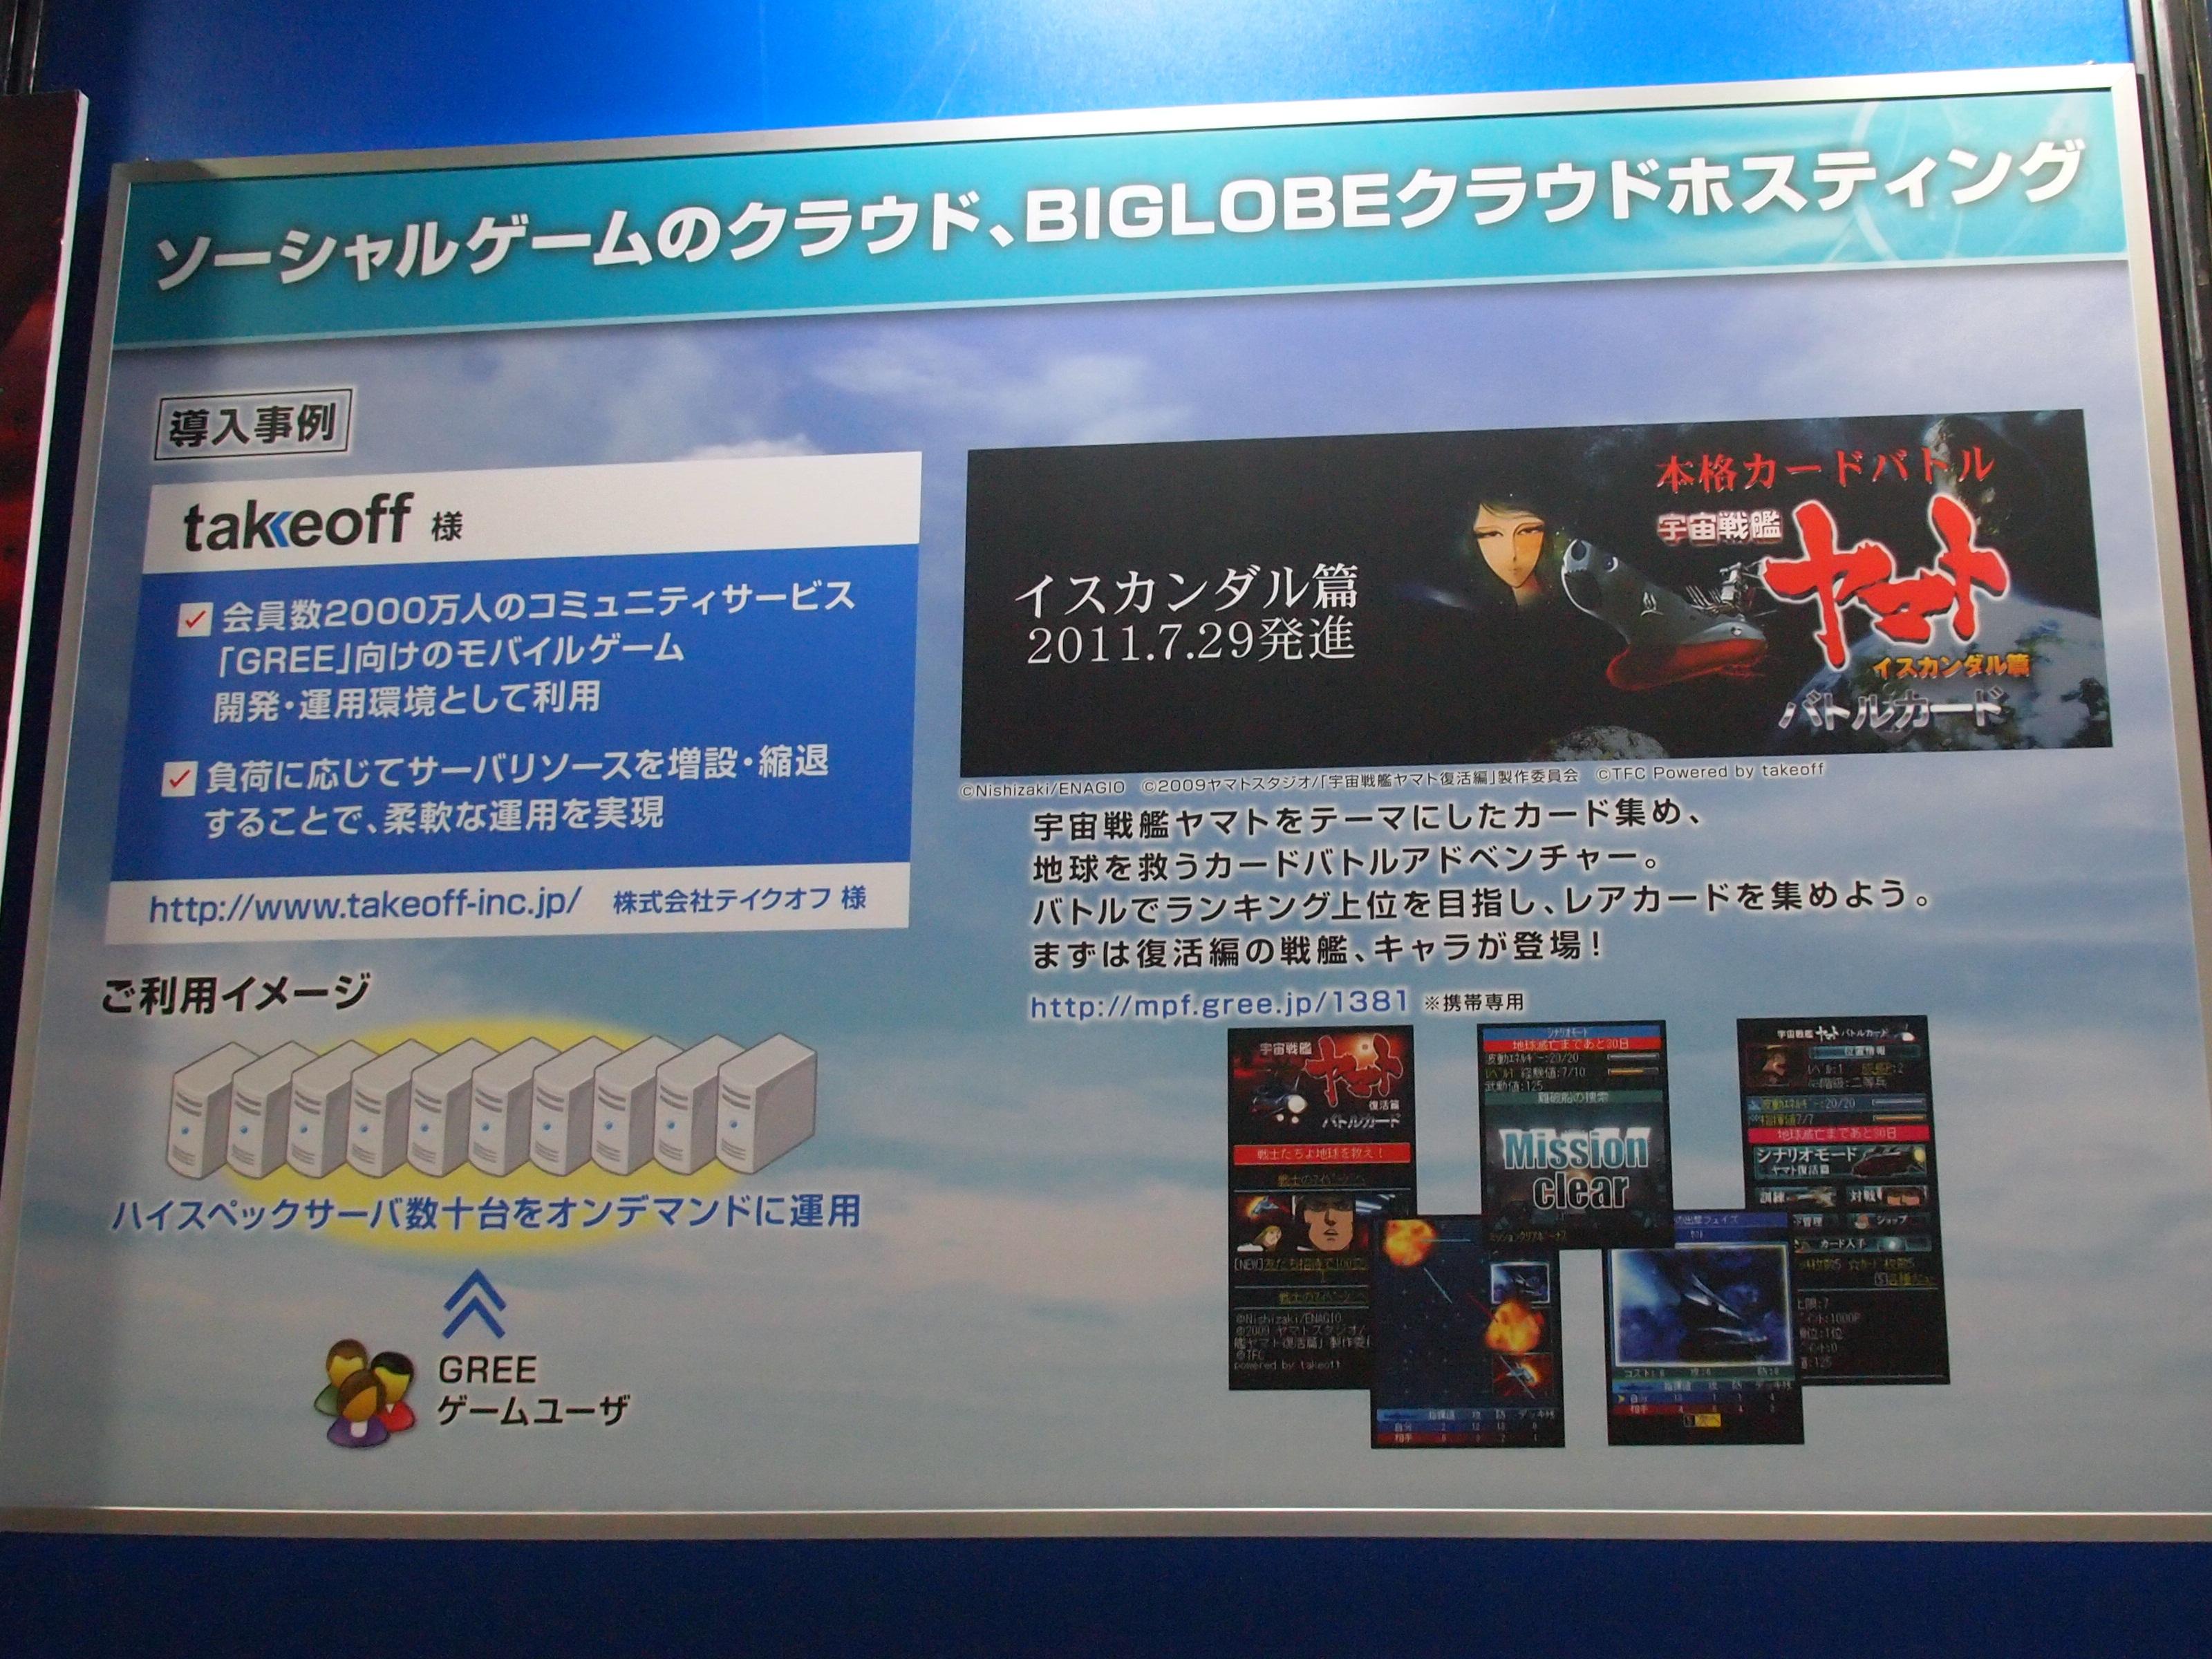 BIGLOBEのブースでは「宇宙戦艦ヤマト バトルカード」を運営する株式会社テイクオフの事例を紹介